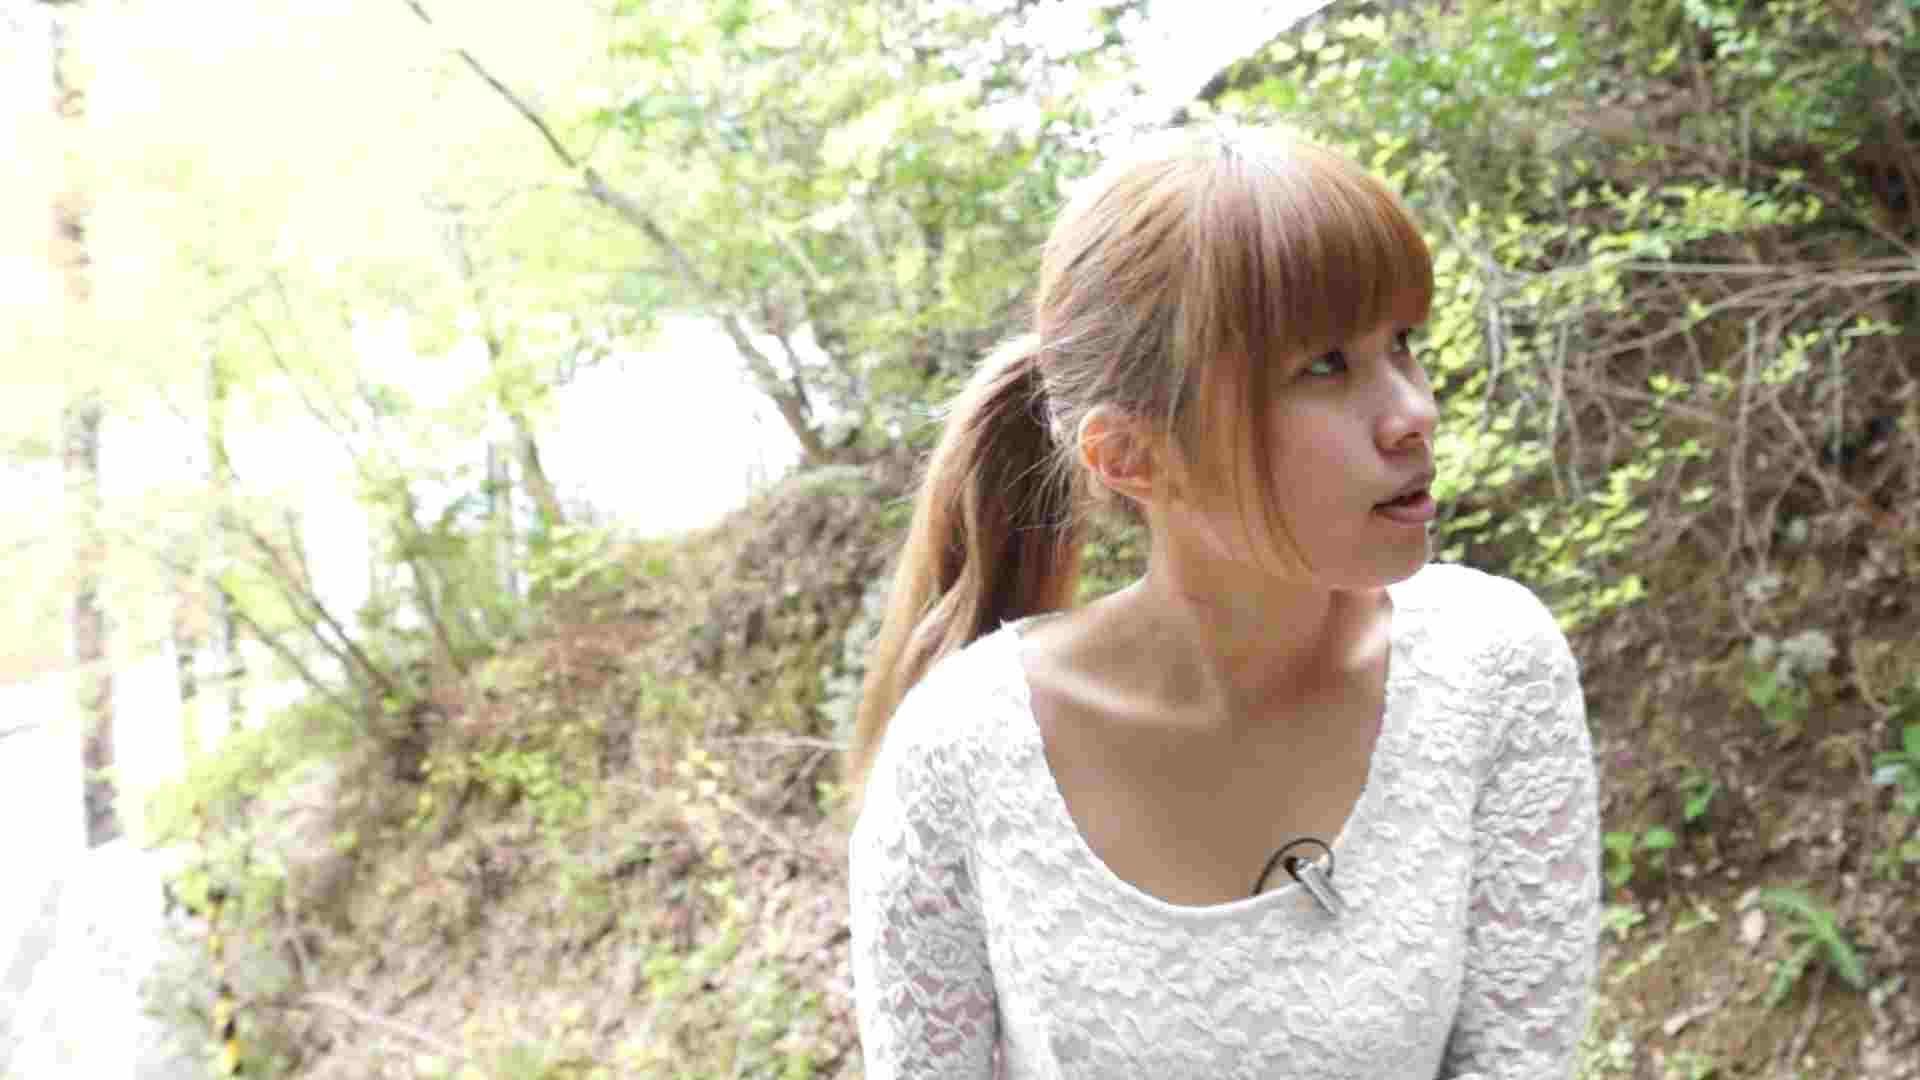 vol.1 インタビュー いやらしいOL  43連発 6